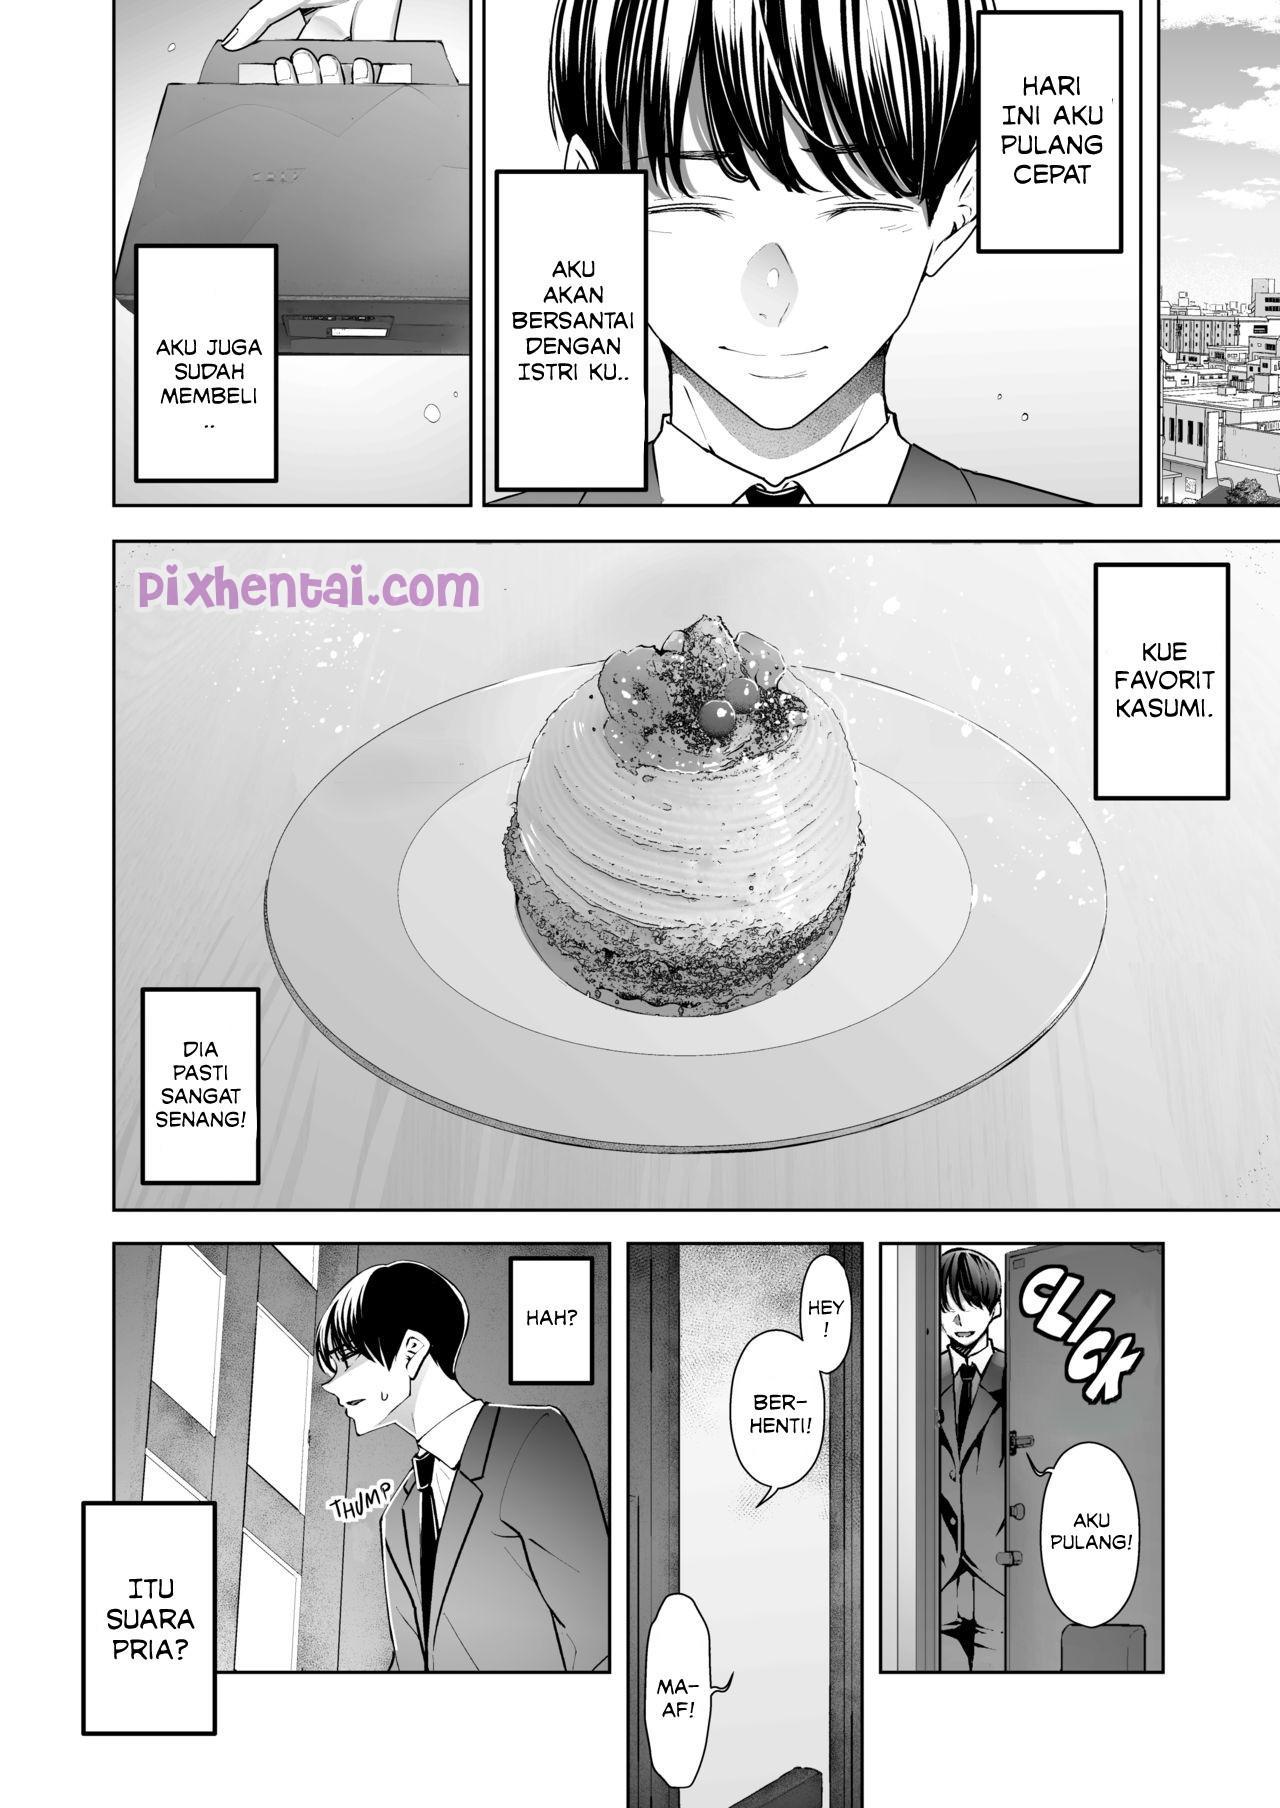 Komik hentai xxx manga sex bokep menonton istri berhubungan badan dengan mantan pacarnya 05